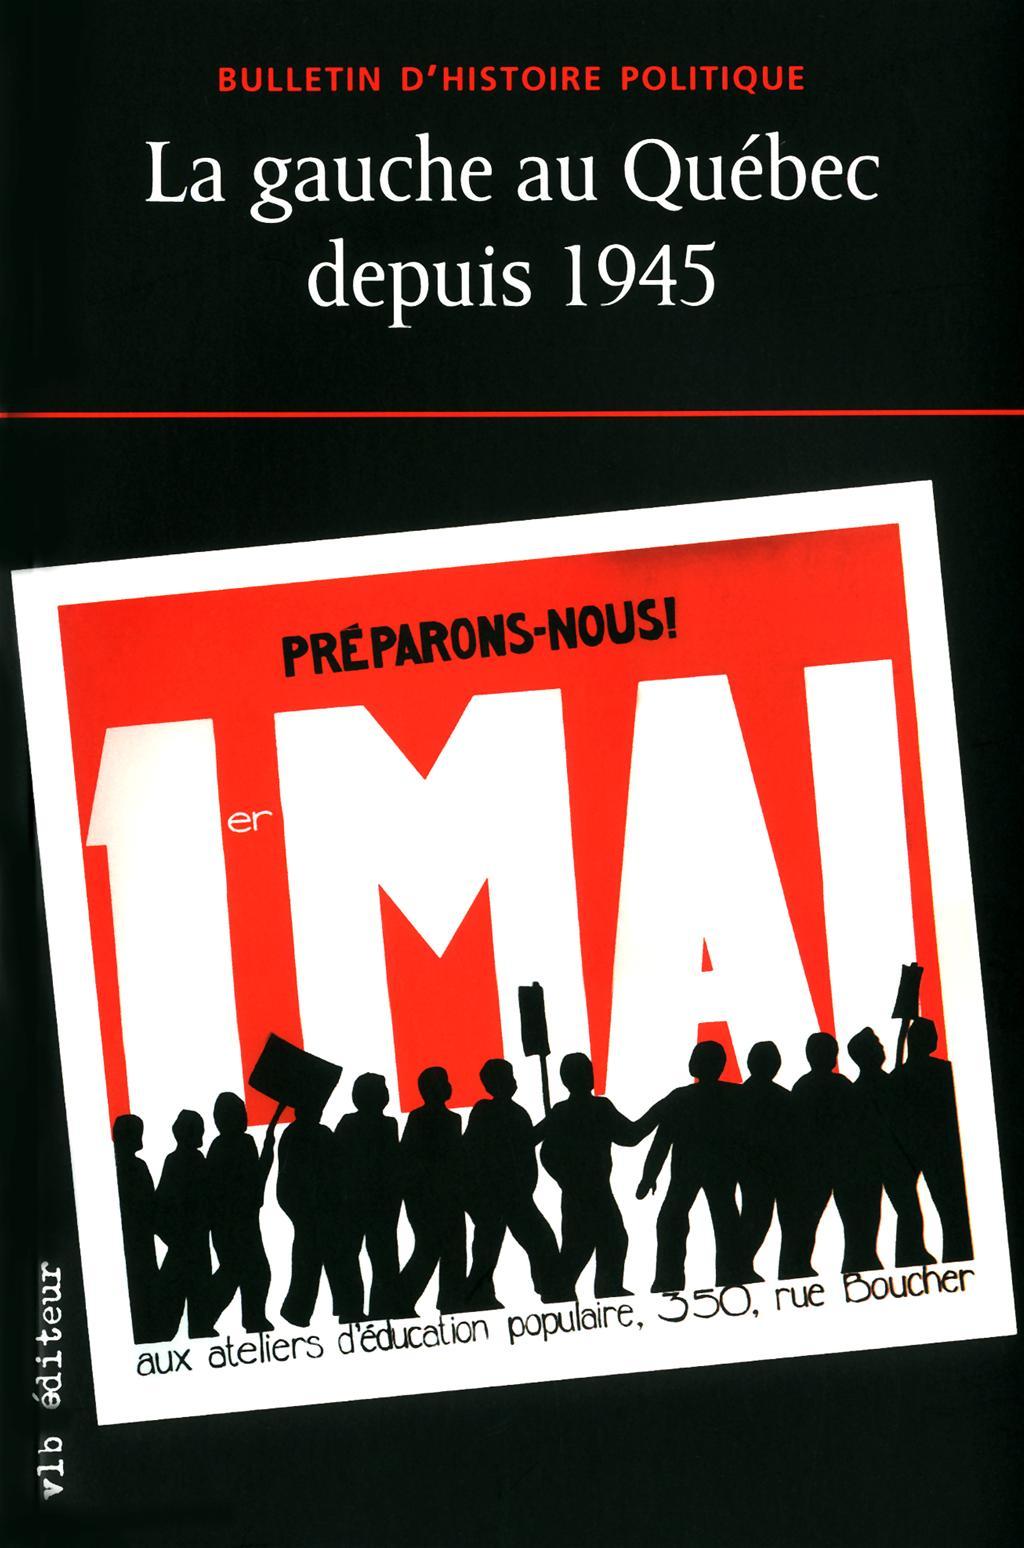 La gauche au Québec depuis 1945